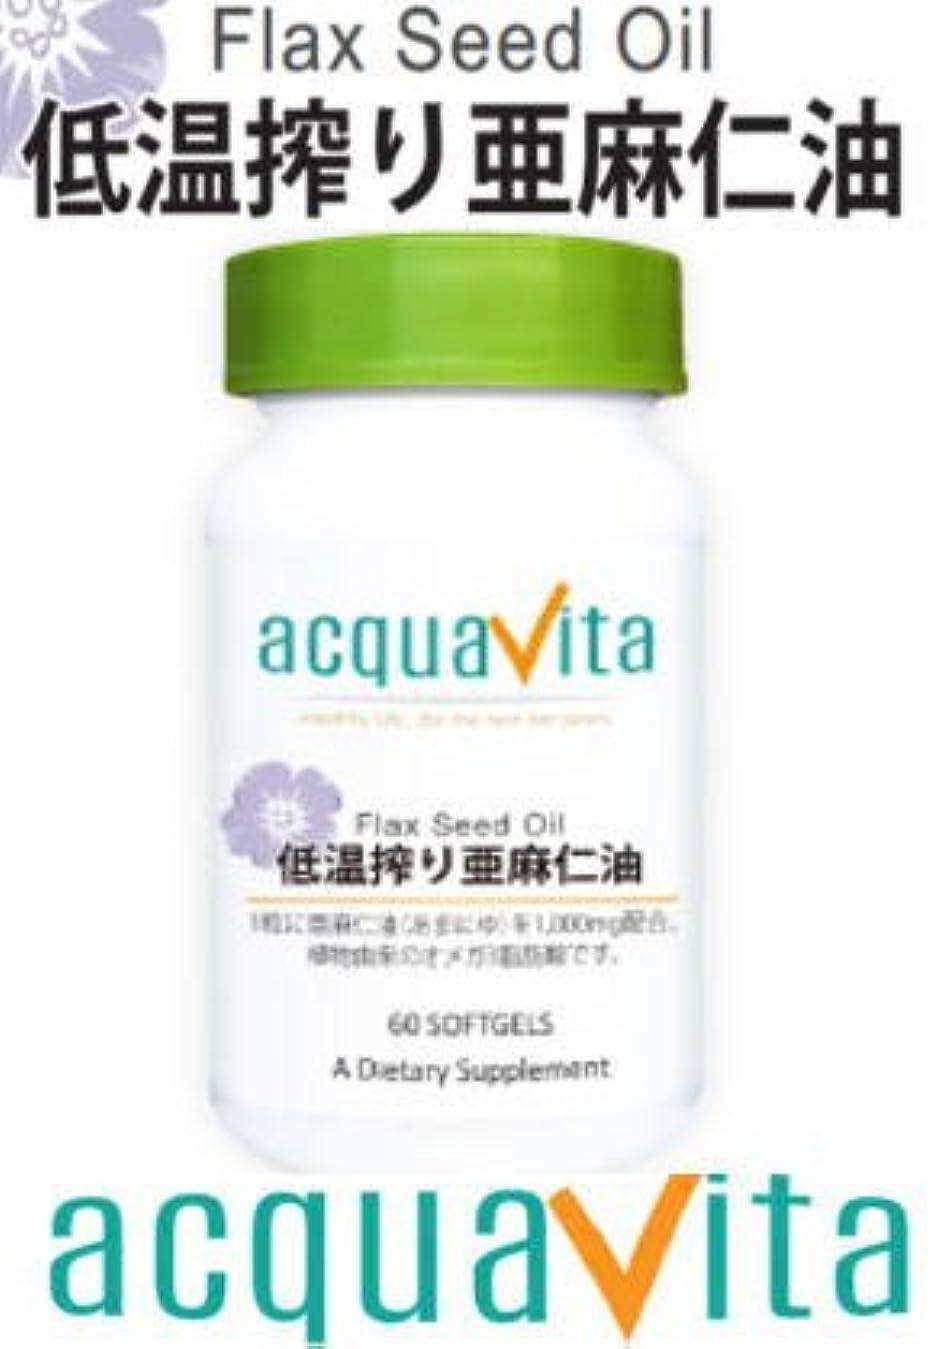 ペチュランスエスカレーター柱アクアヴィータ 低温搾り亜麻仁油 60粒×2個セット